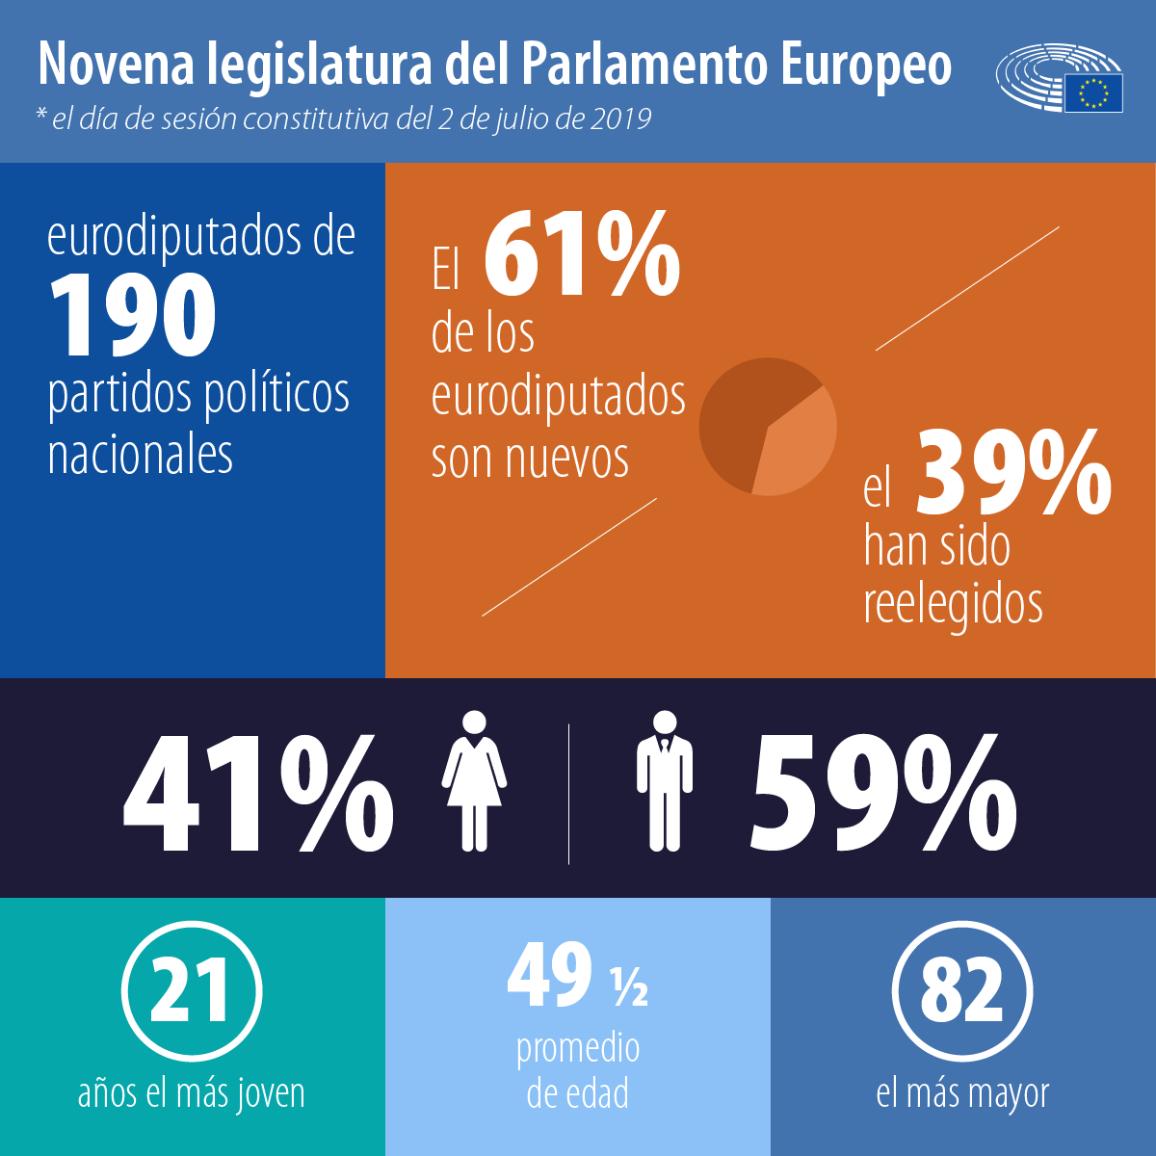 La novena legislatura en cifras